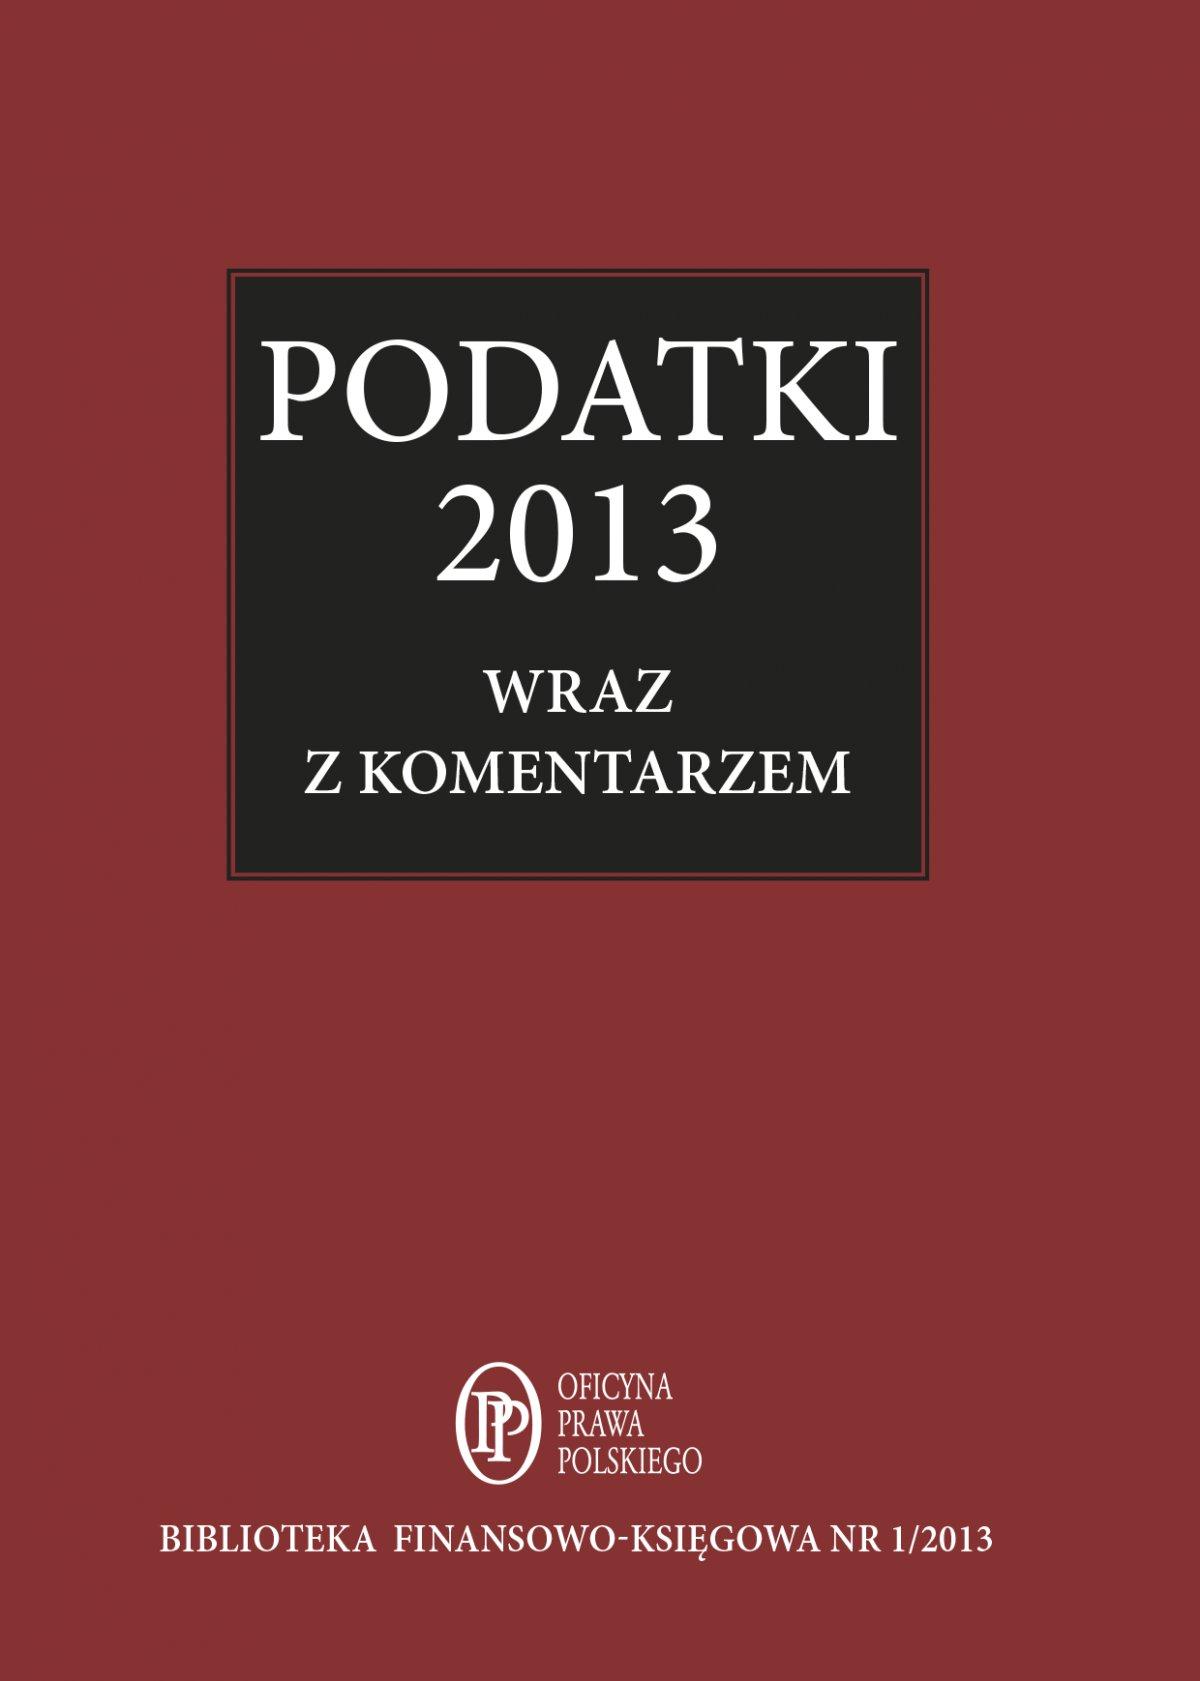 Podatki 2013 wraz z komentarzem ekspertów - Ebook (Książka EPUB) do pobrania w formacie EPUB